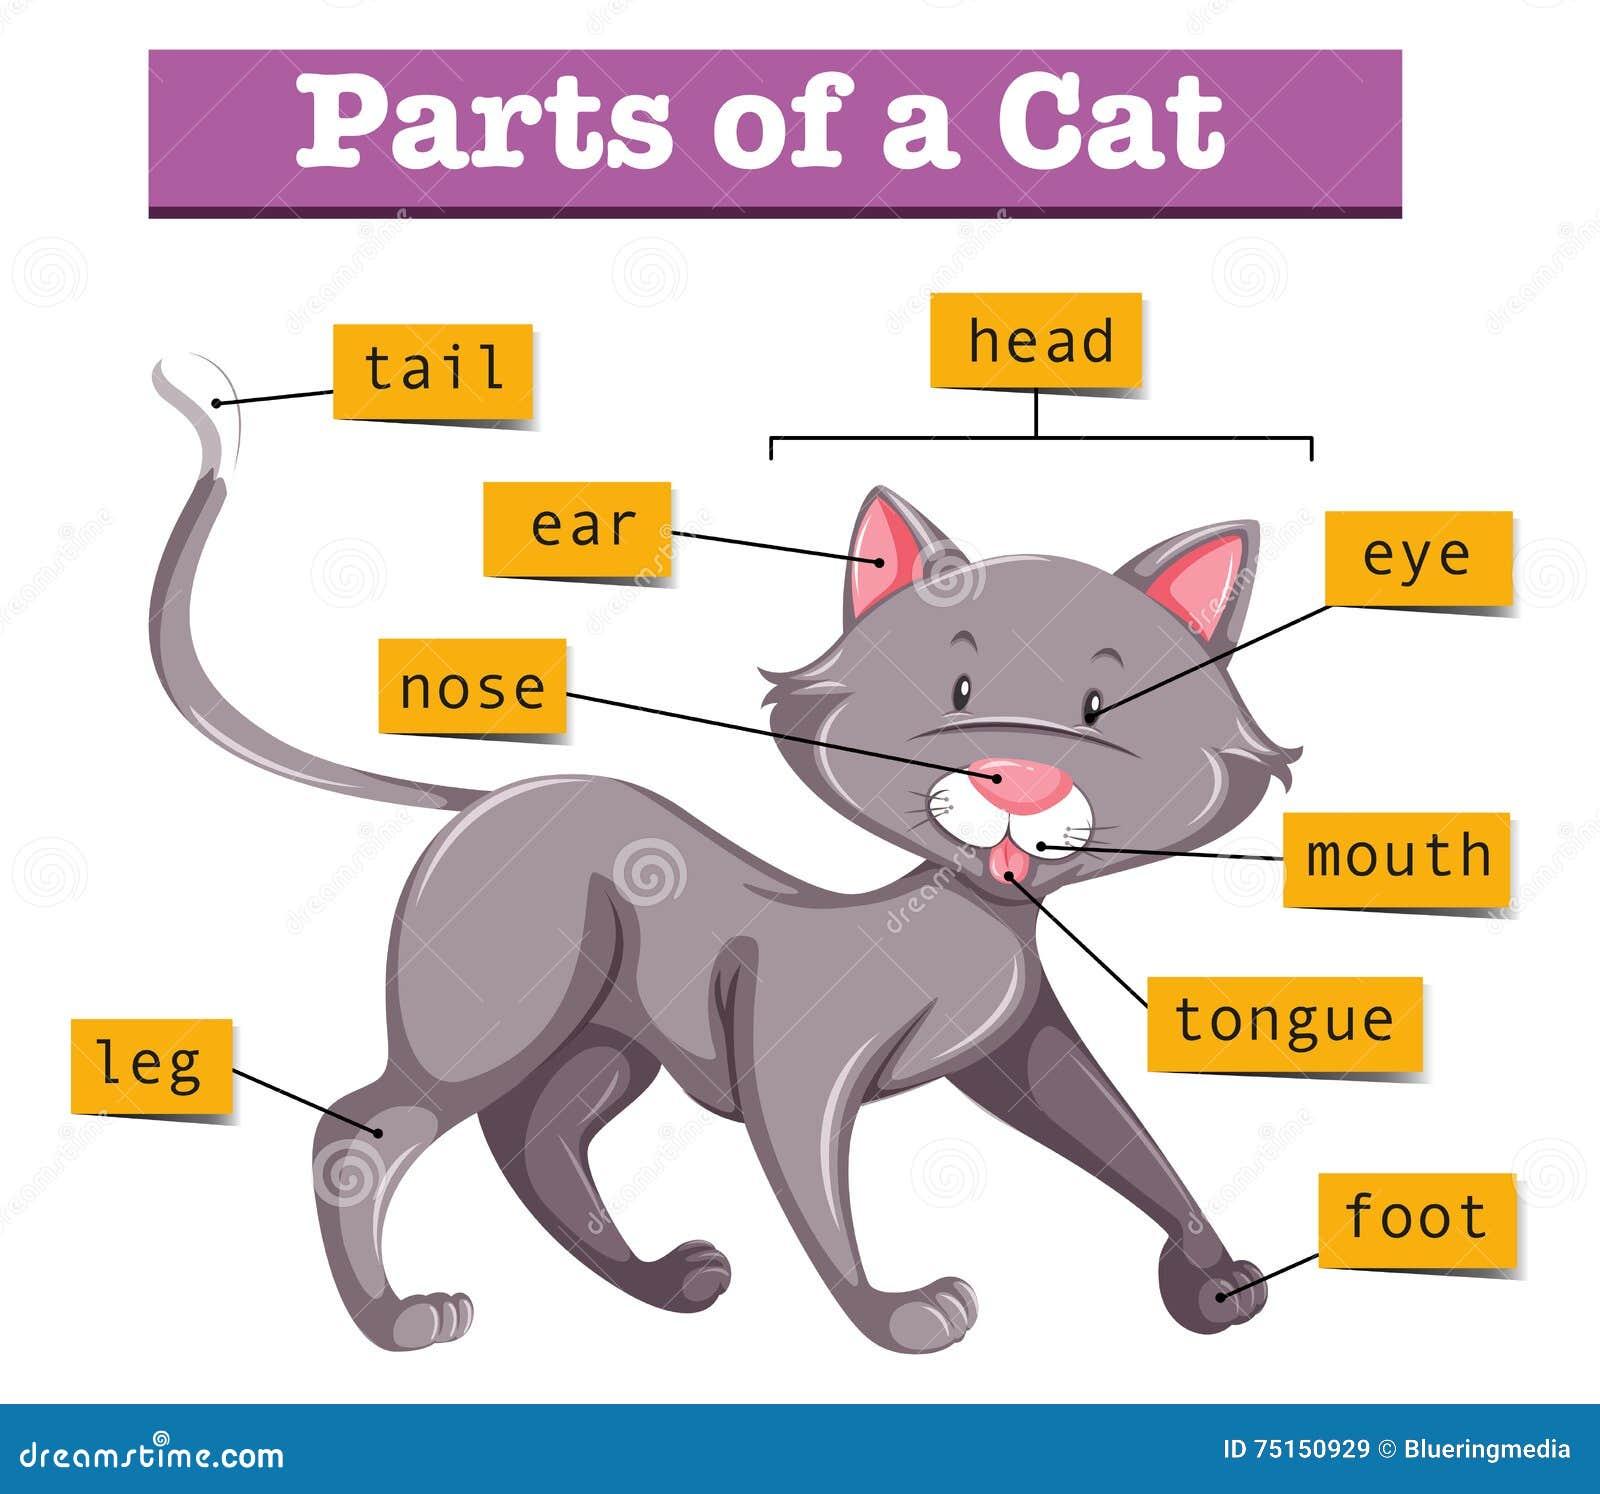 Diagrama que mostra partes do gato